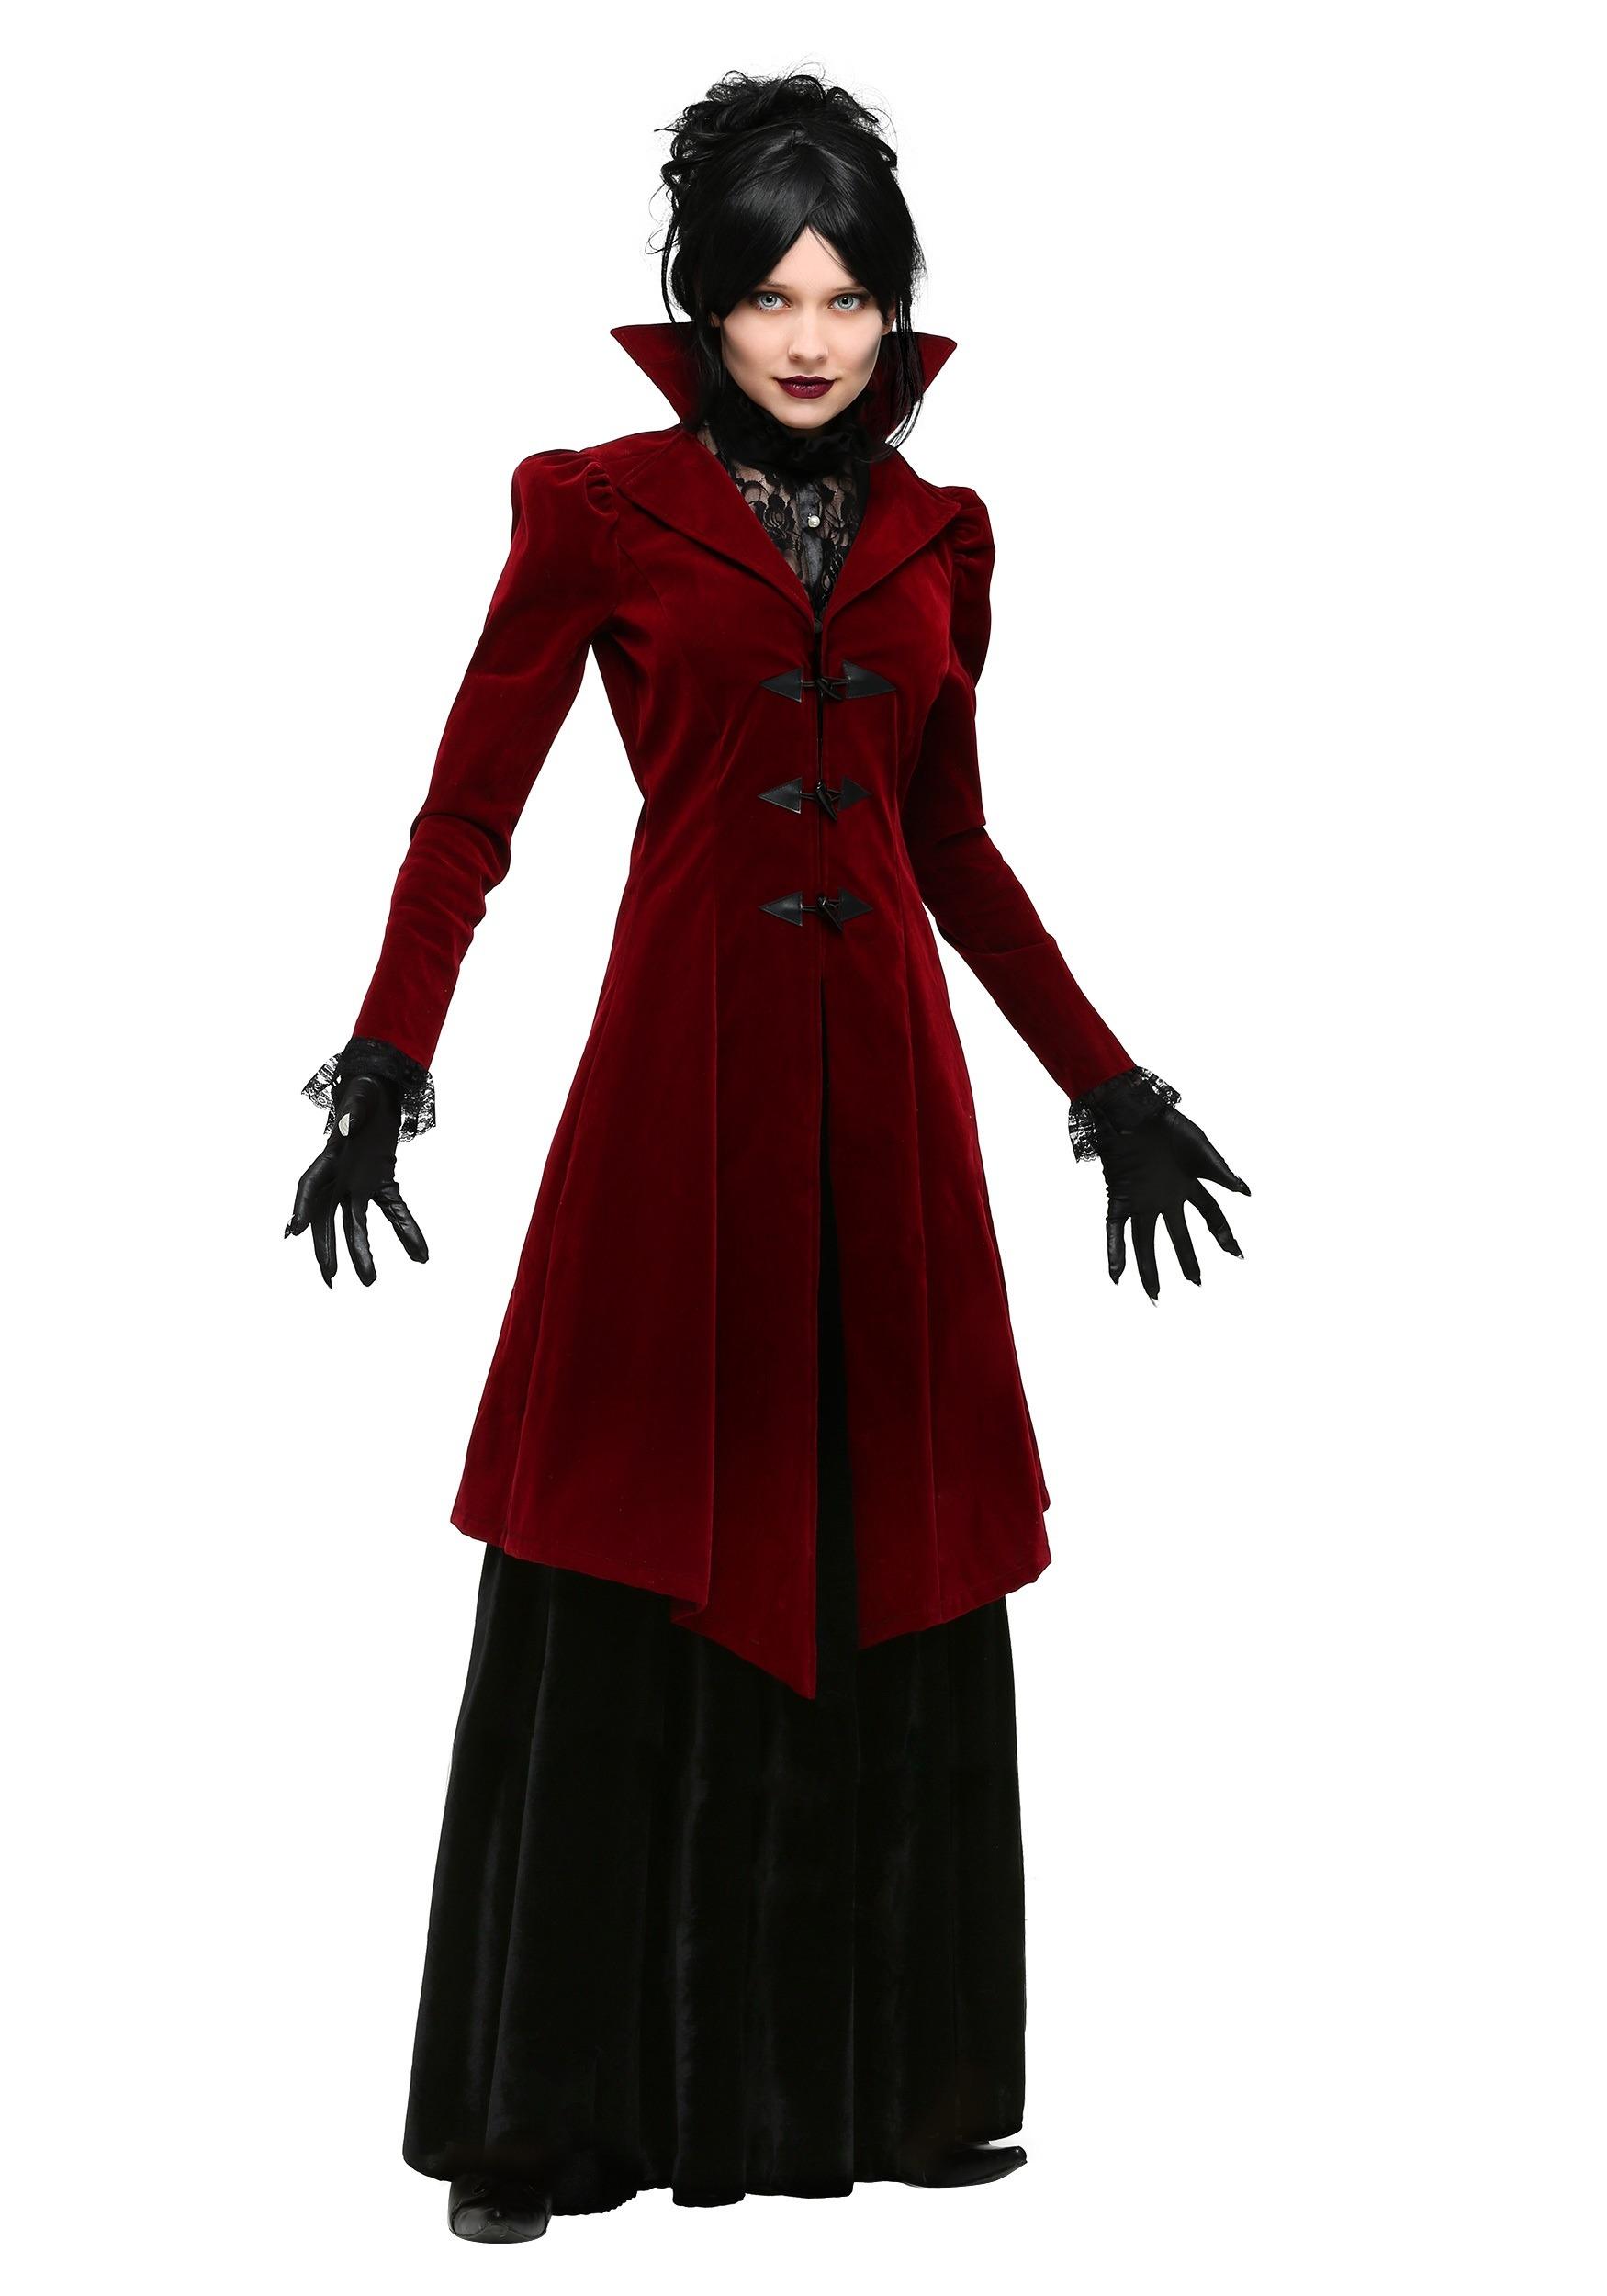 d525295830c Delightfully Dreadful Vampiress Plus Size Costume for Women